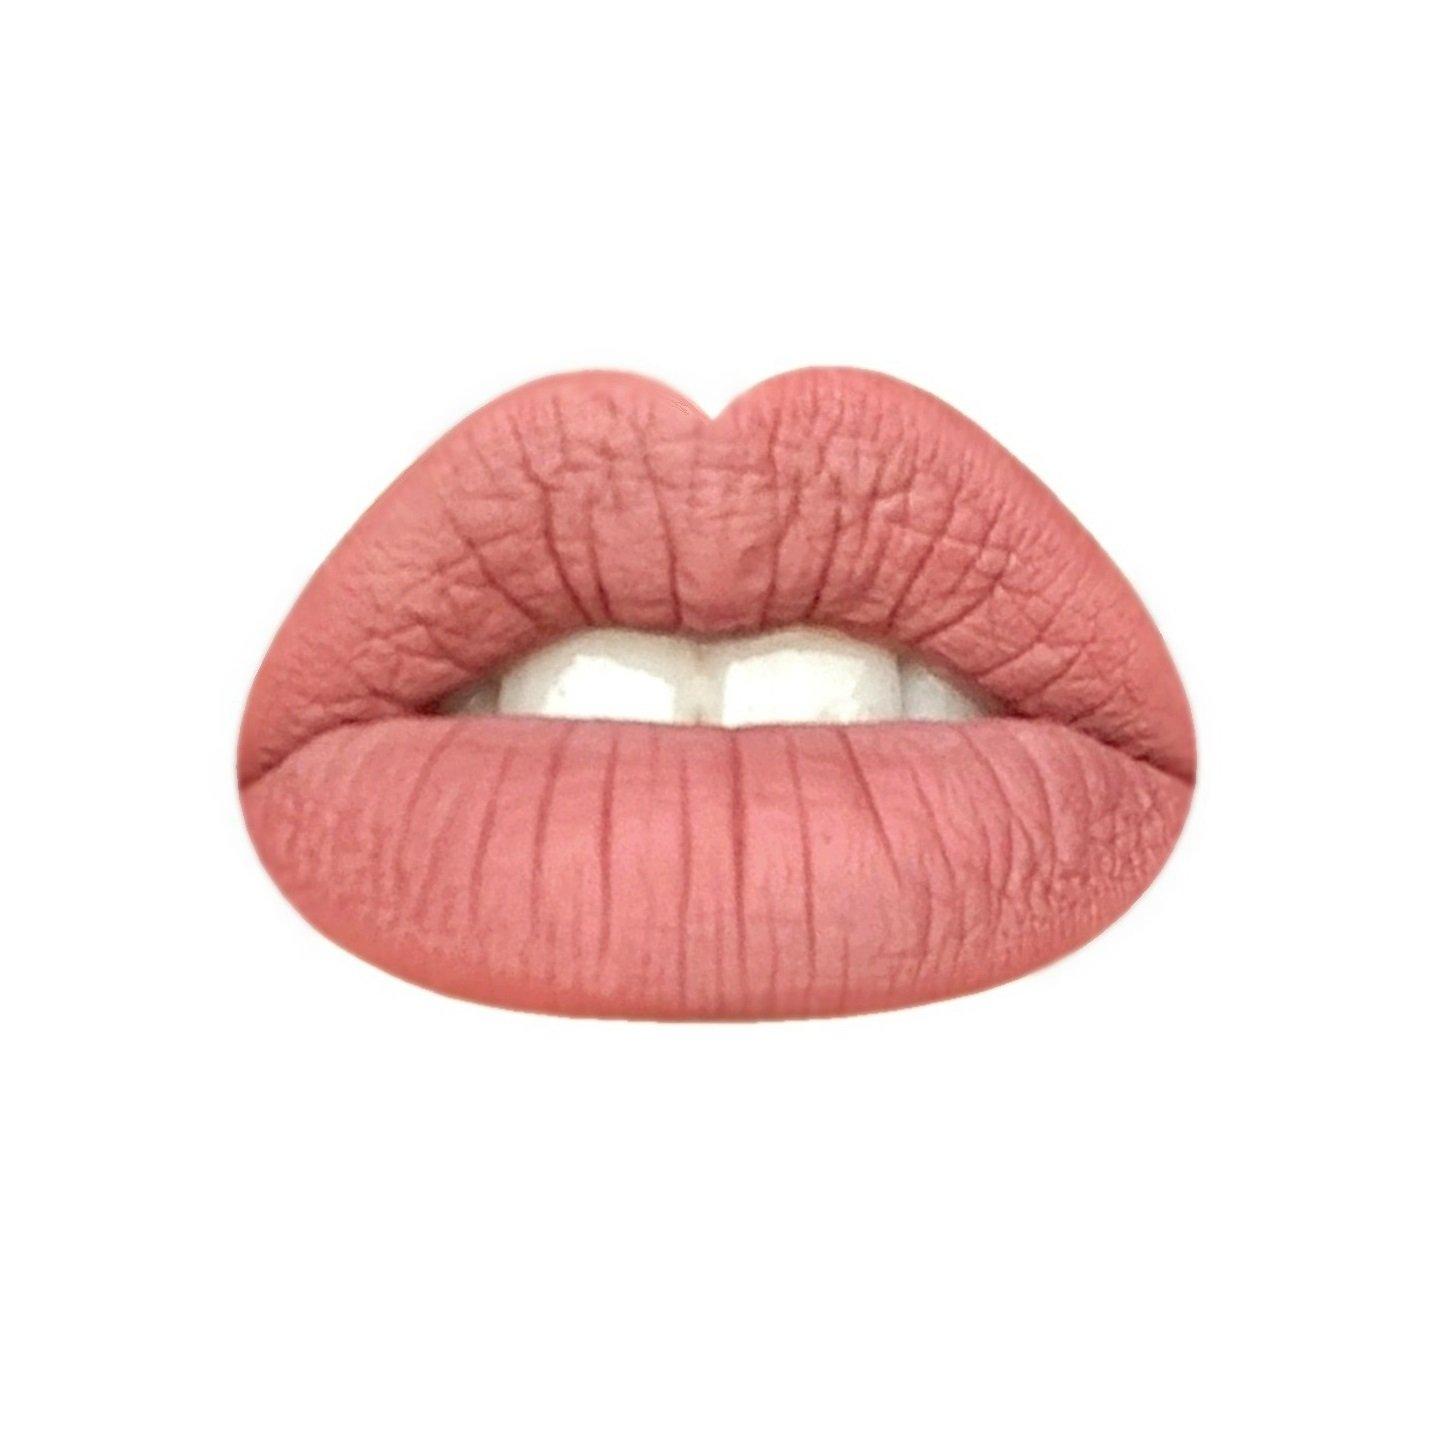 Adorn- Makeup by DNA- Liquid Lipstick- Matte- Vegan